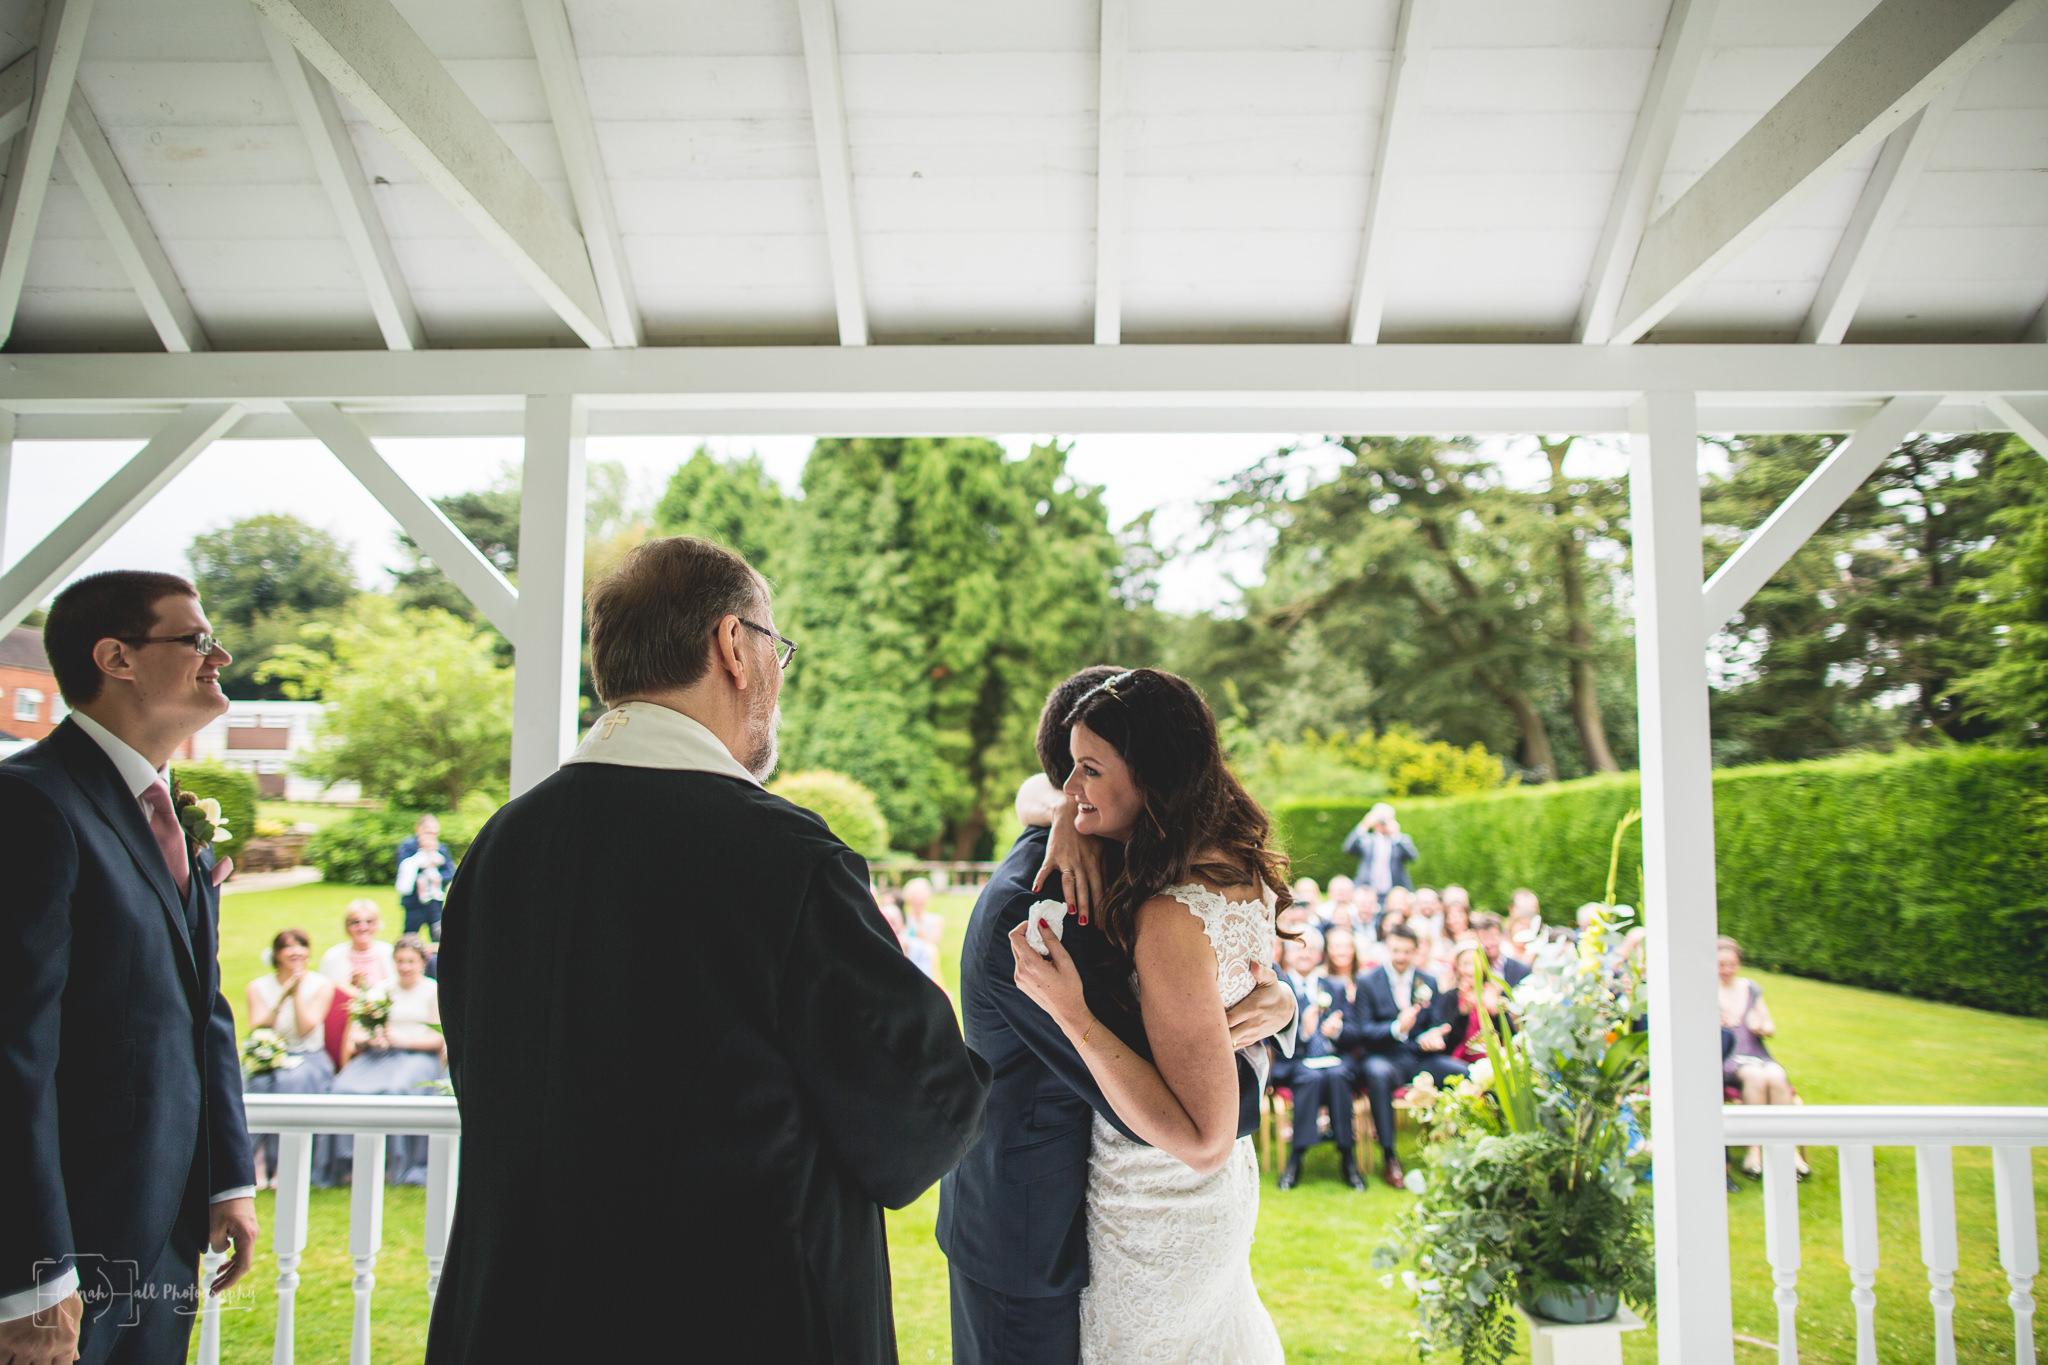 hhp-back-garden-wedding-30